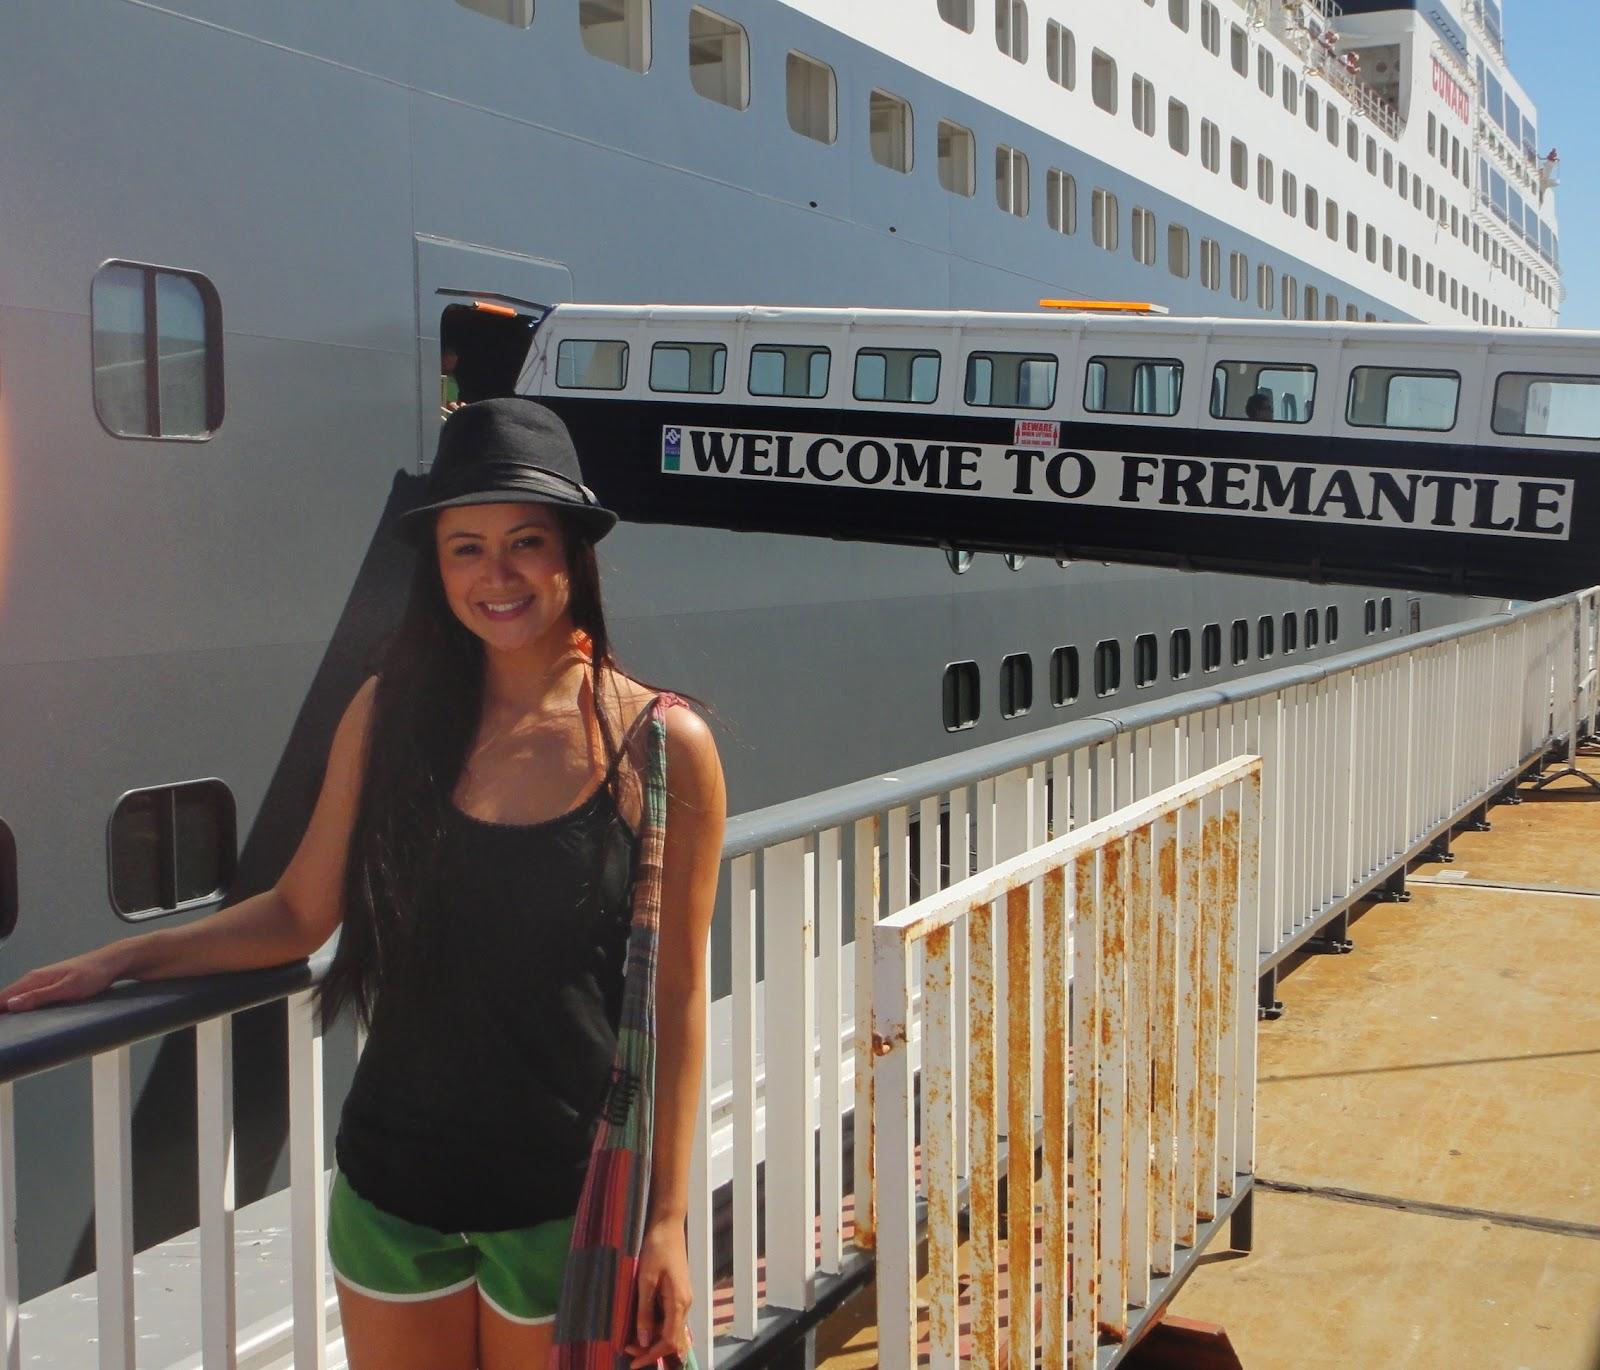 Port: Fremantle, Australia February 8, 2012